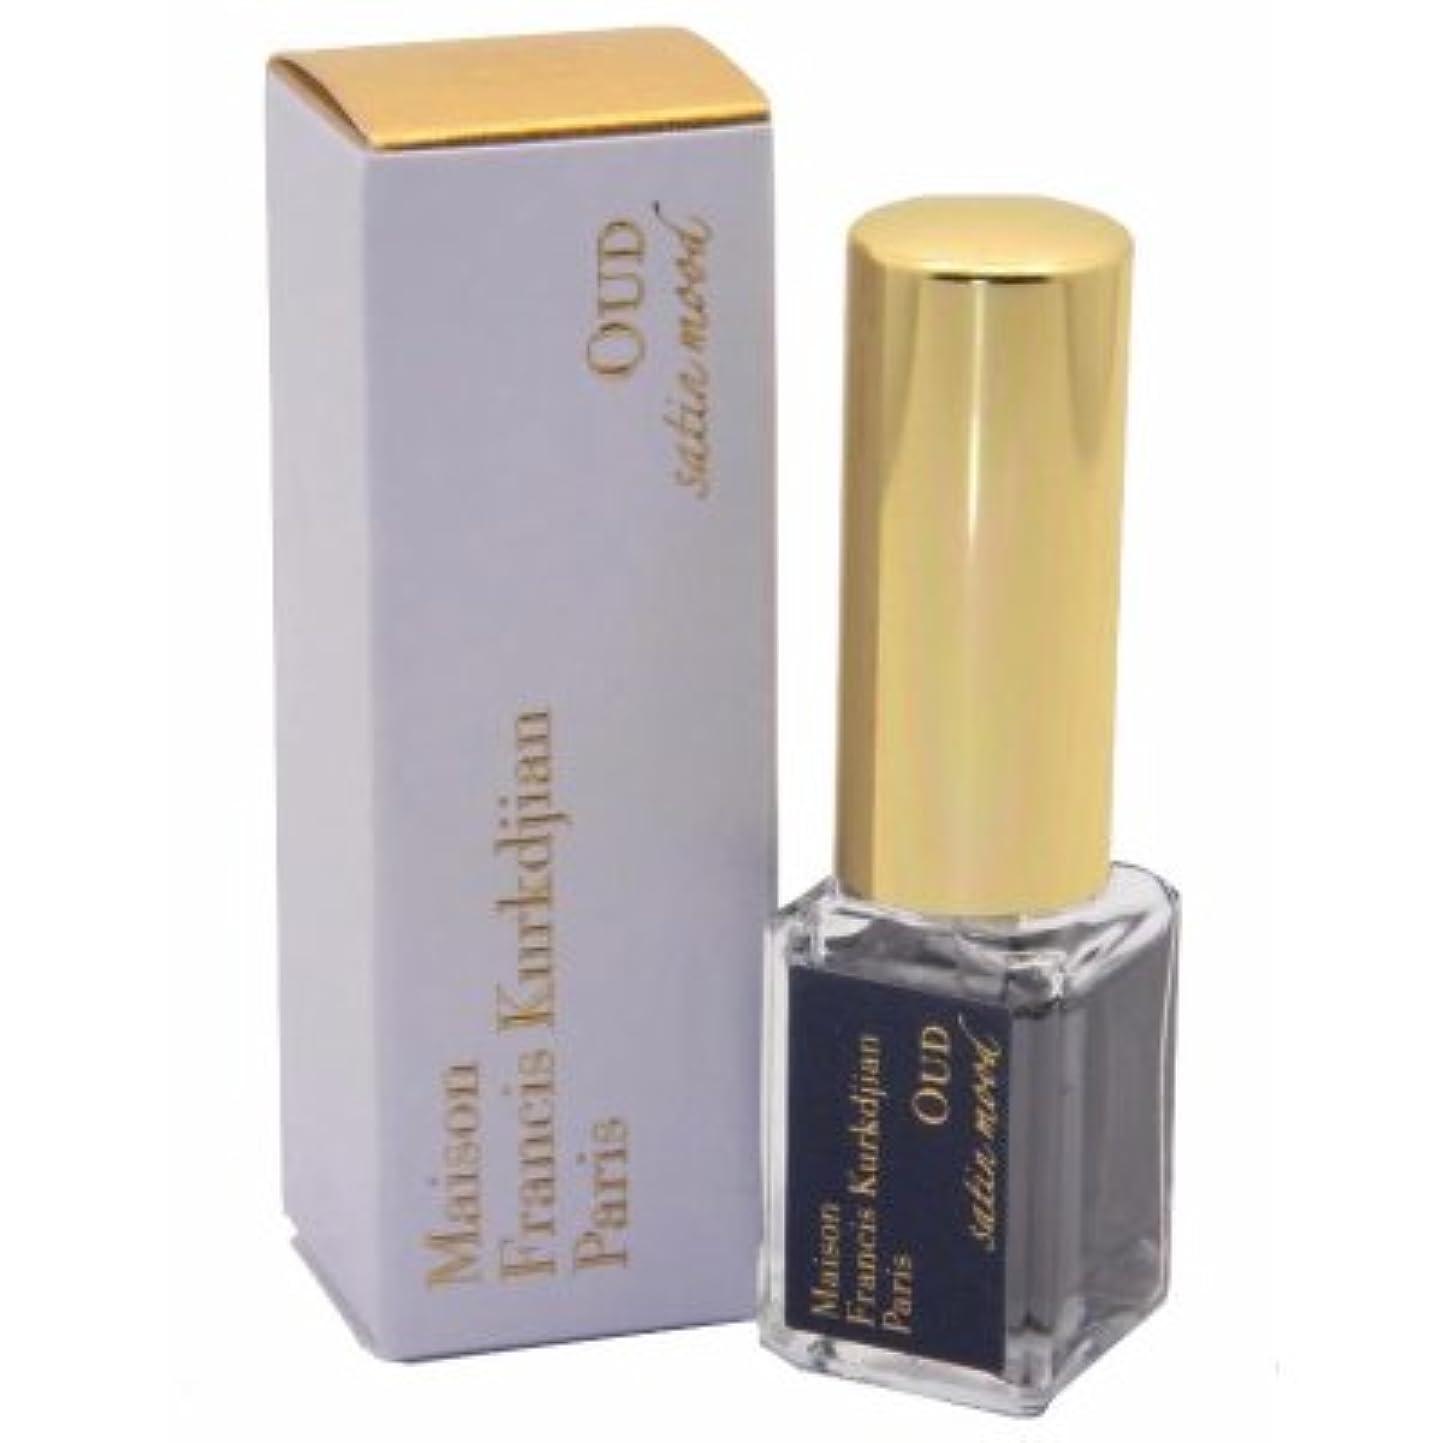 コメント専門用語すべきメゾン フランシス クルジャン ウード サテン ムード オードパルファン トラベルサイズ 5ml(Maison Francis Kurkdjian Oud Satin Mood EDP Spray Mini 5ml) [...